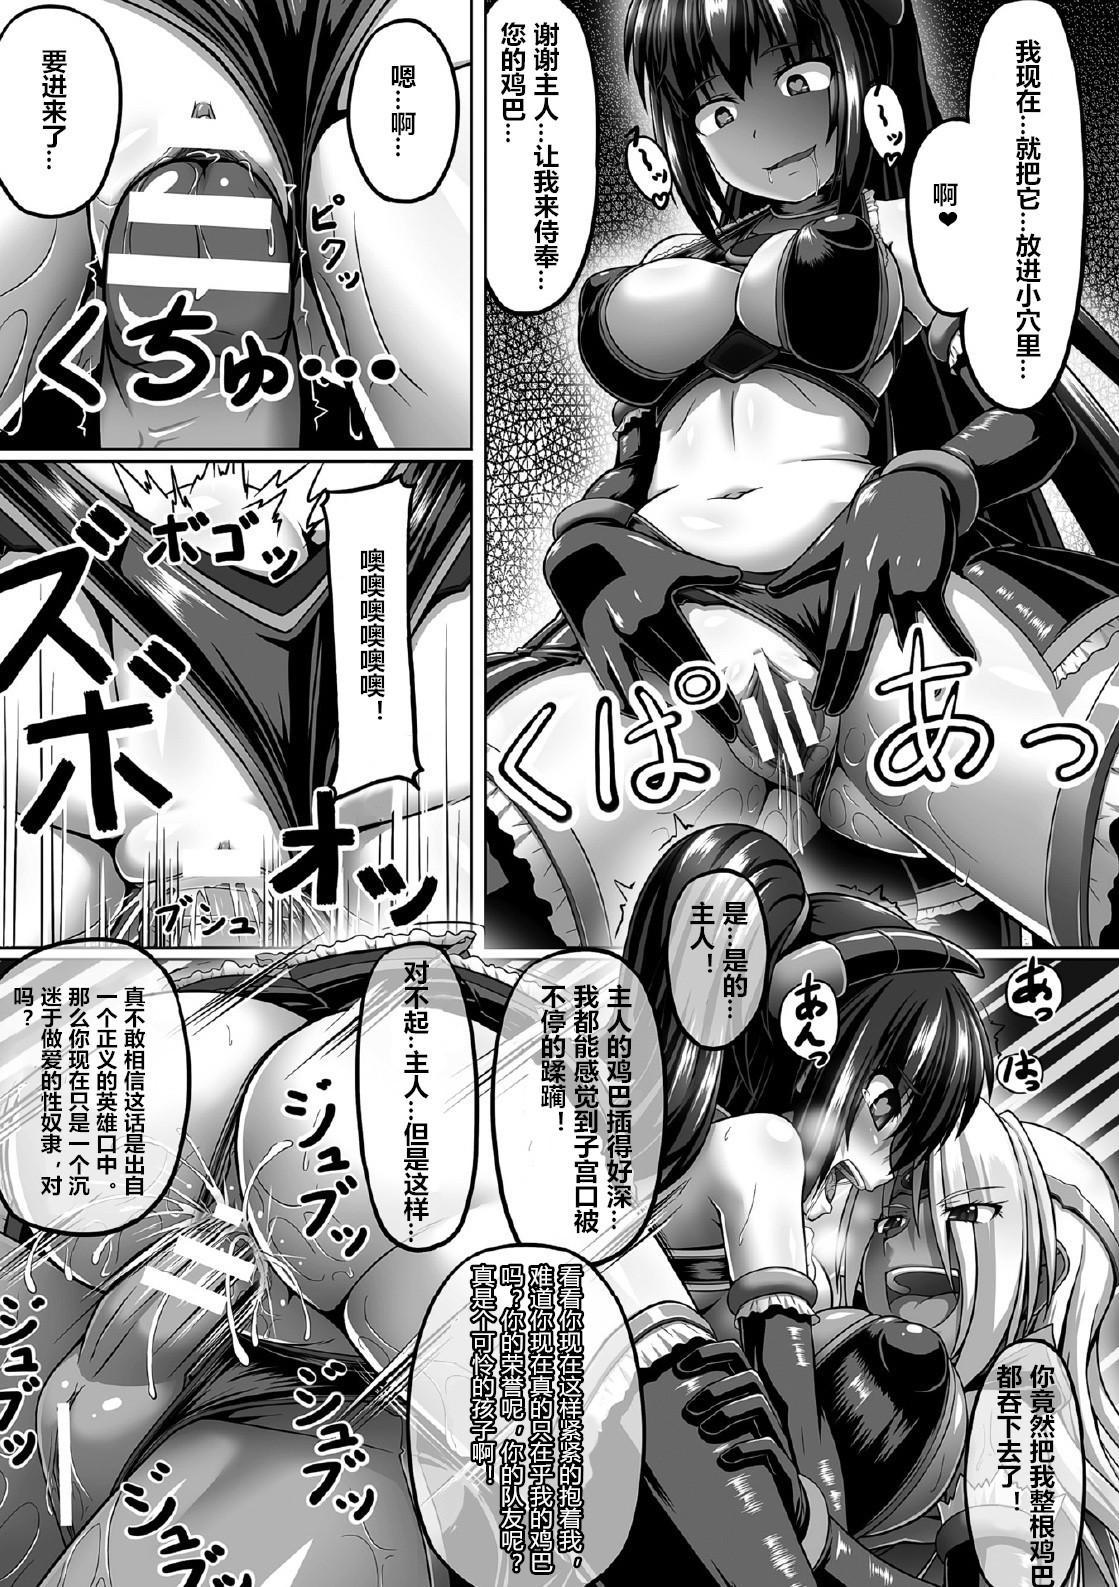 Torawareta Seigi no Heroine Kousoku Kairaku Choukyou 12